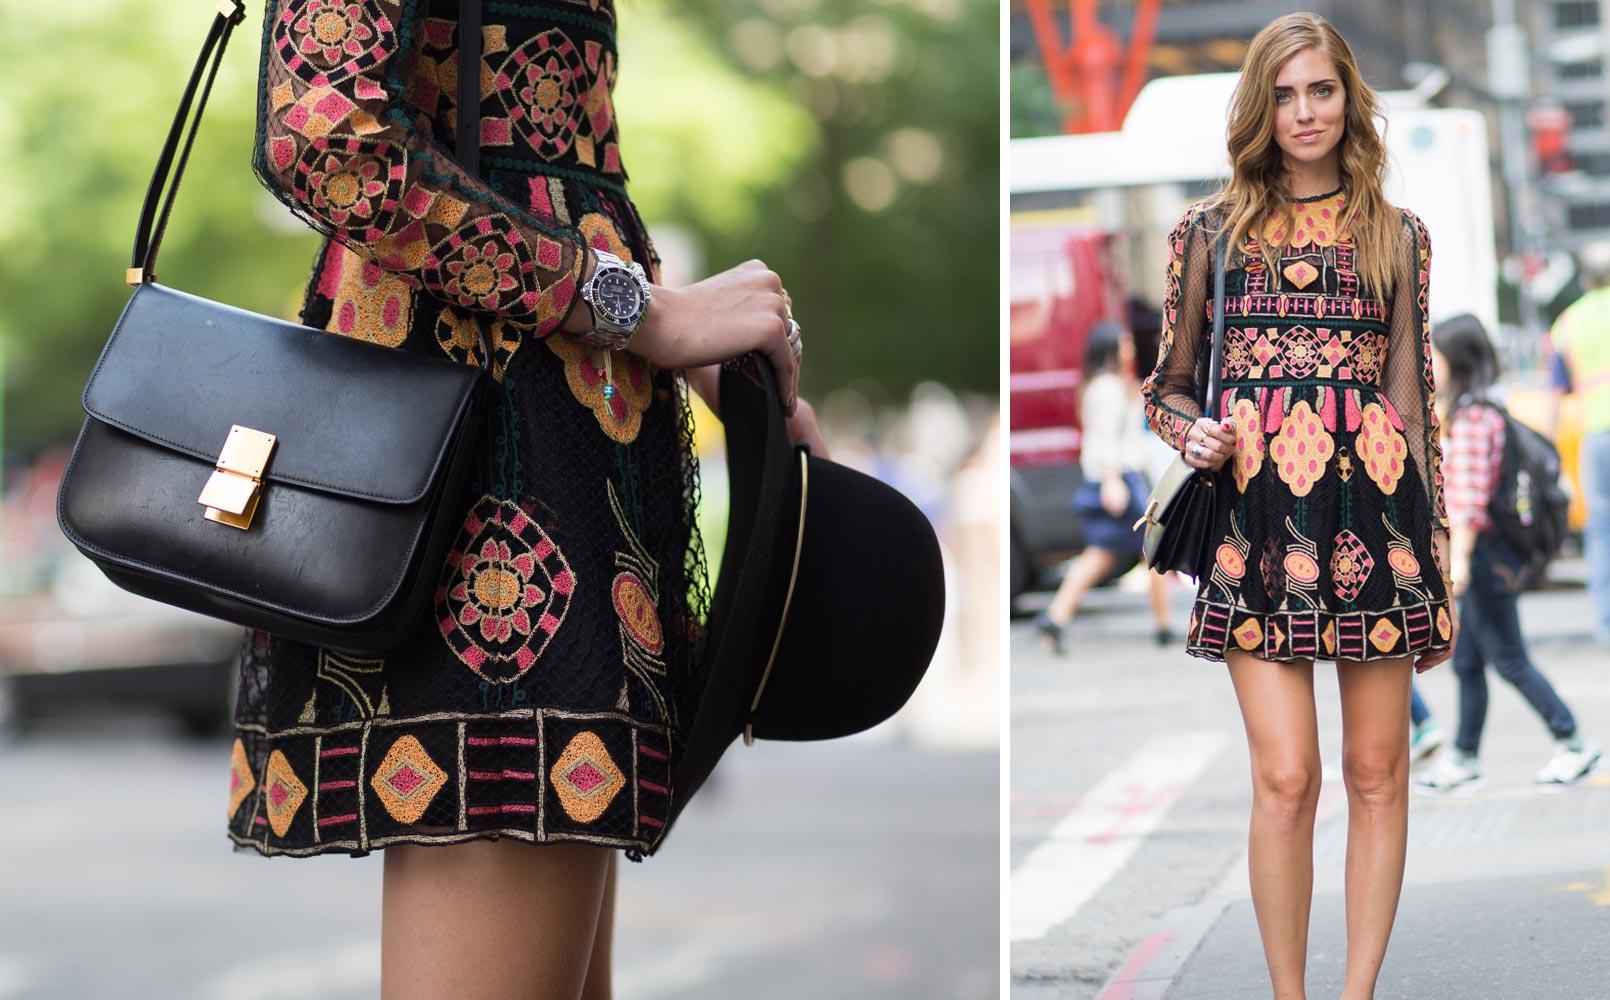 Takto se módní blogerka Chiara Ferragni vydala v rámci Fashion Week na přehlídku Hugo Boss – s vlasy učesanými do úchvatných módních vln!